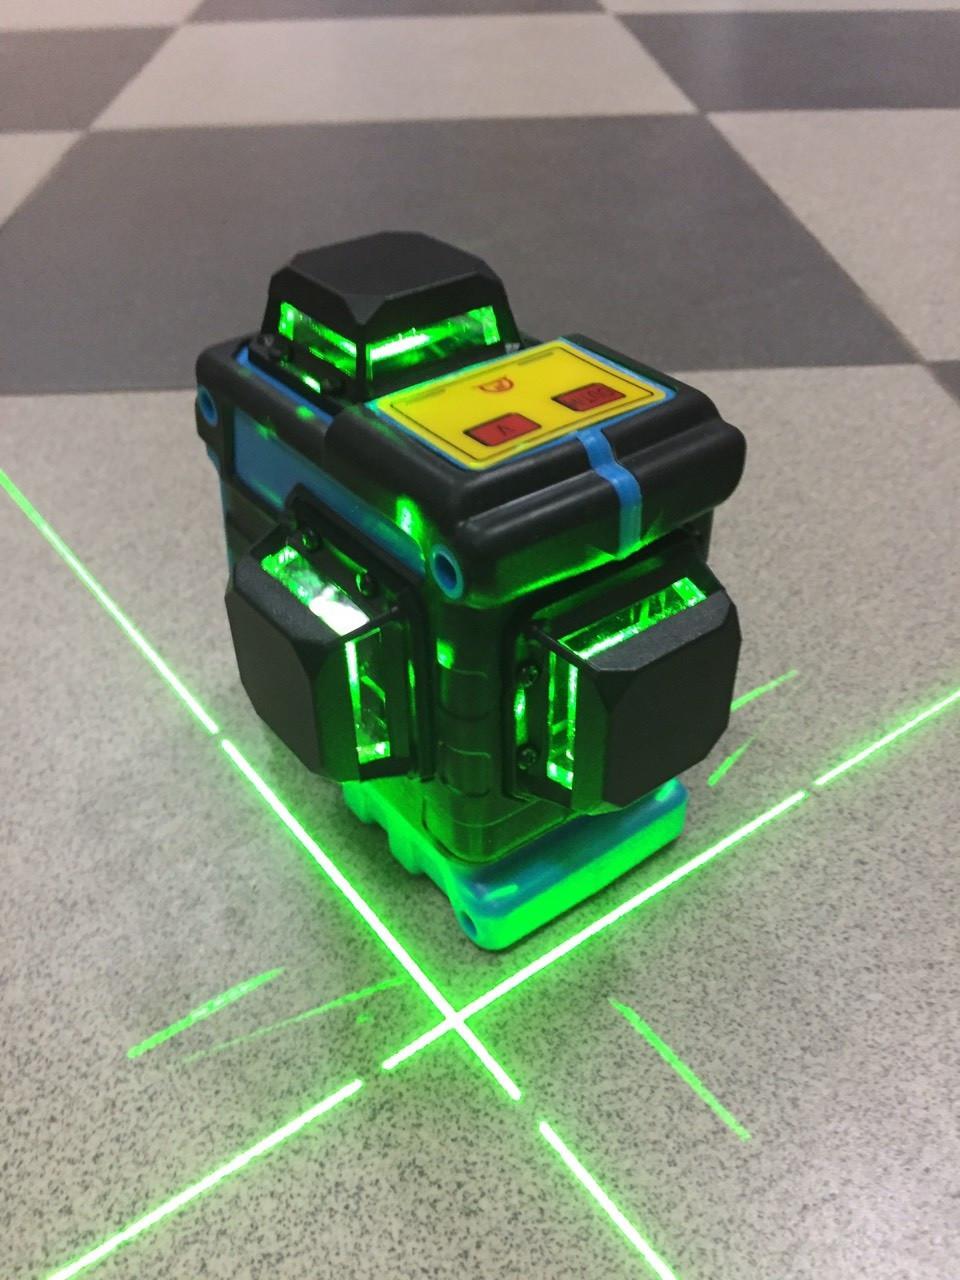 ☀ N E W ☀GREEN⇒50м☀Профессиональный лазерный уровень XEAST 3D ➤очень яркие диоды➤